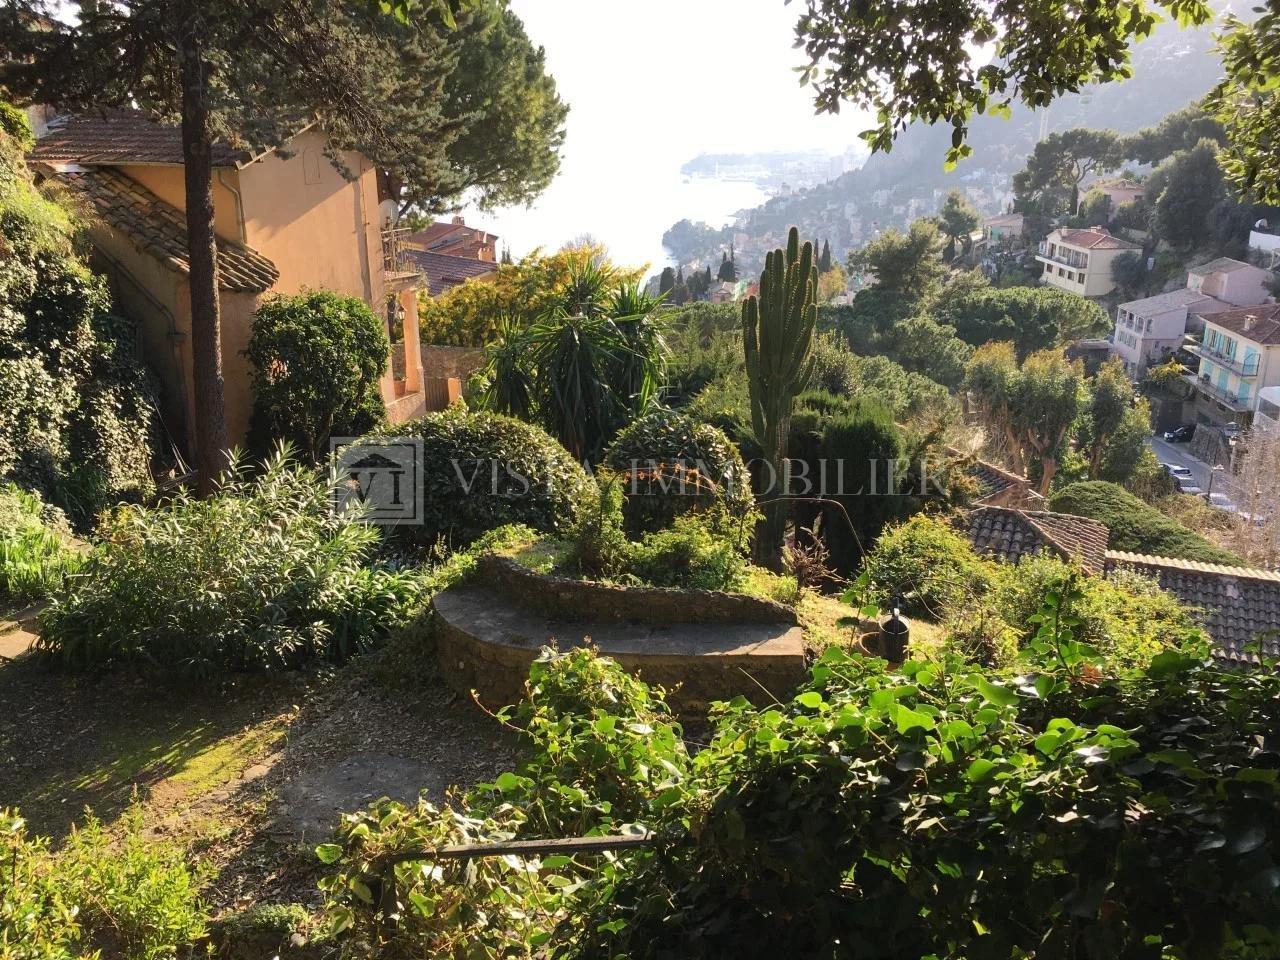 RCM village splendide maison  provençale